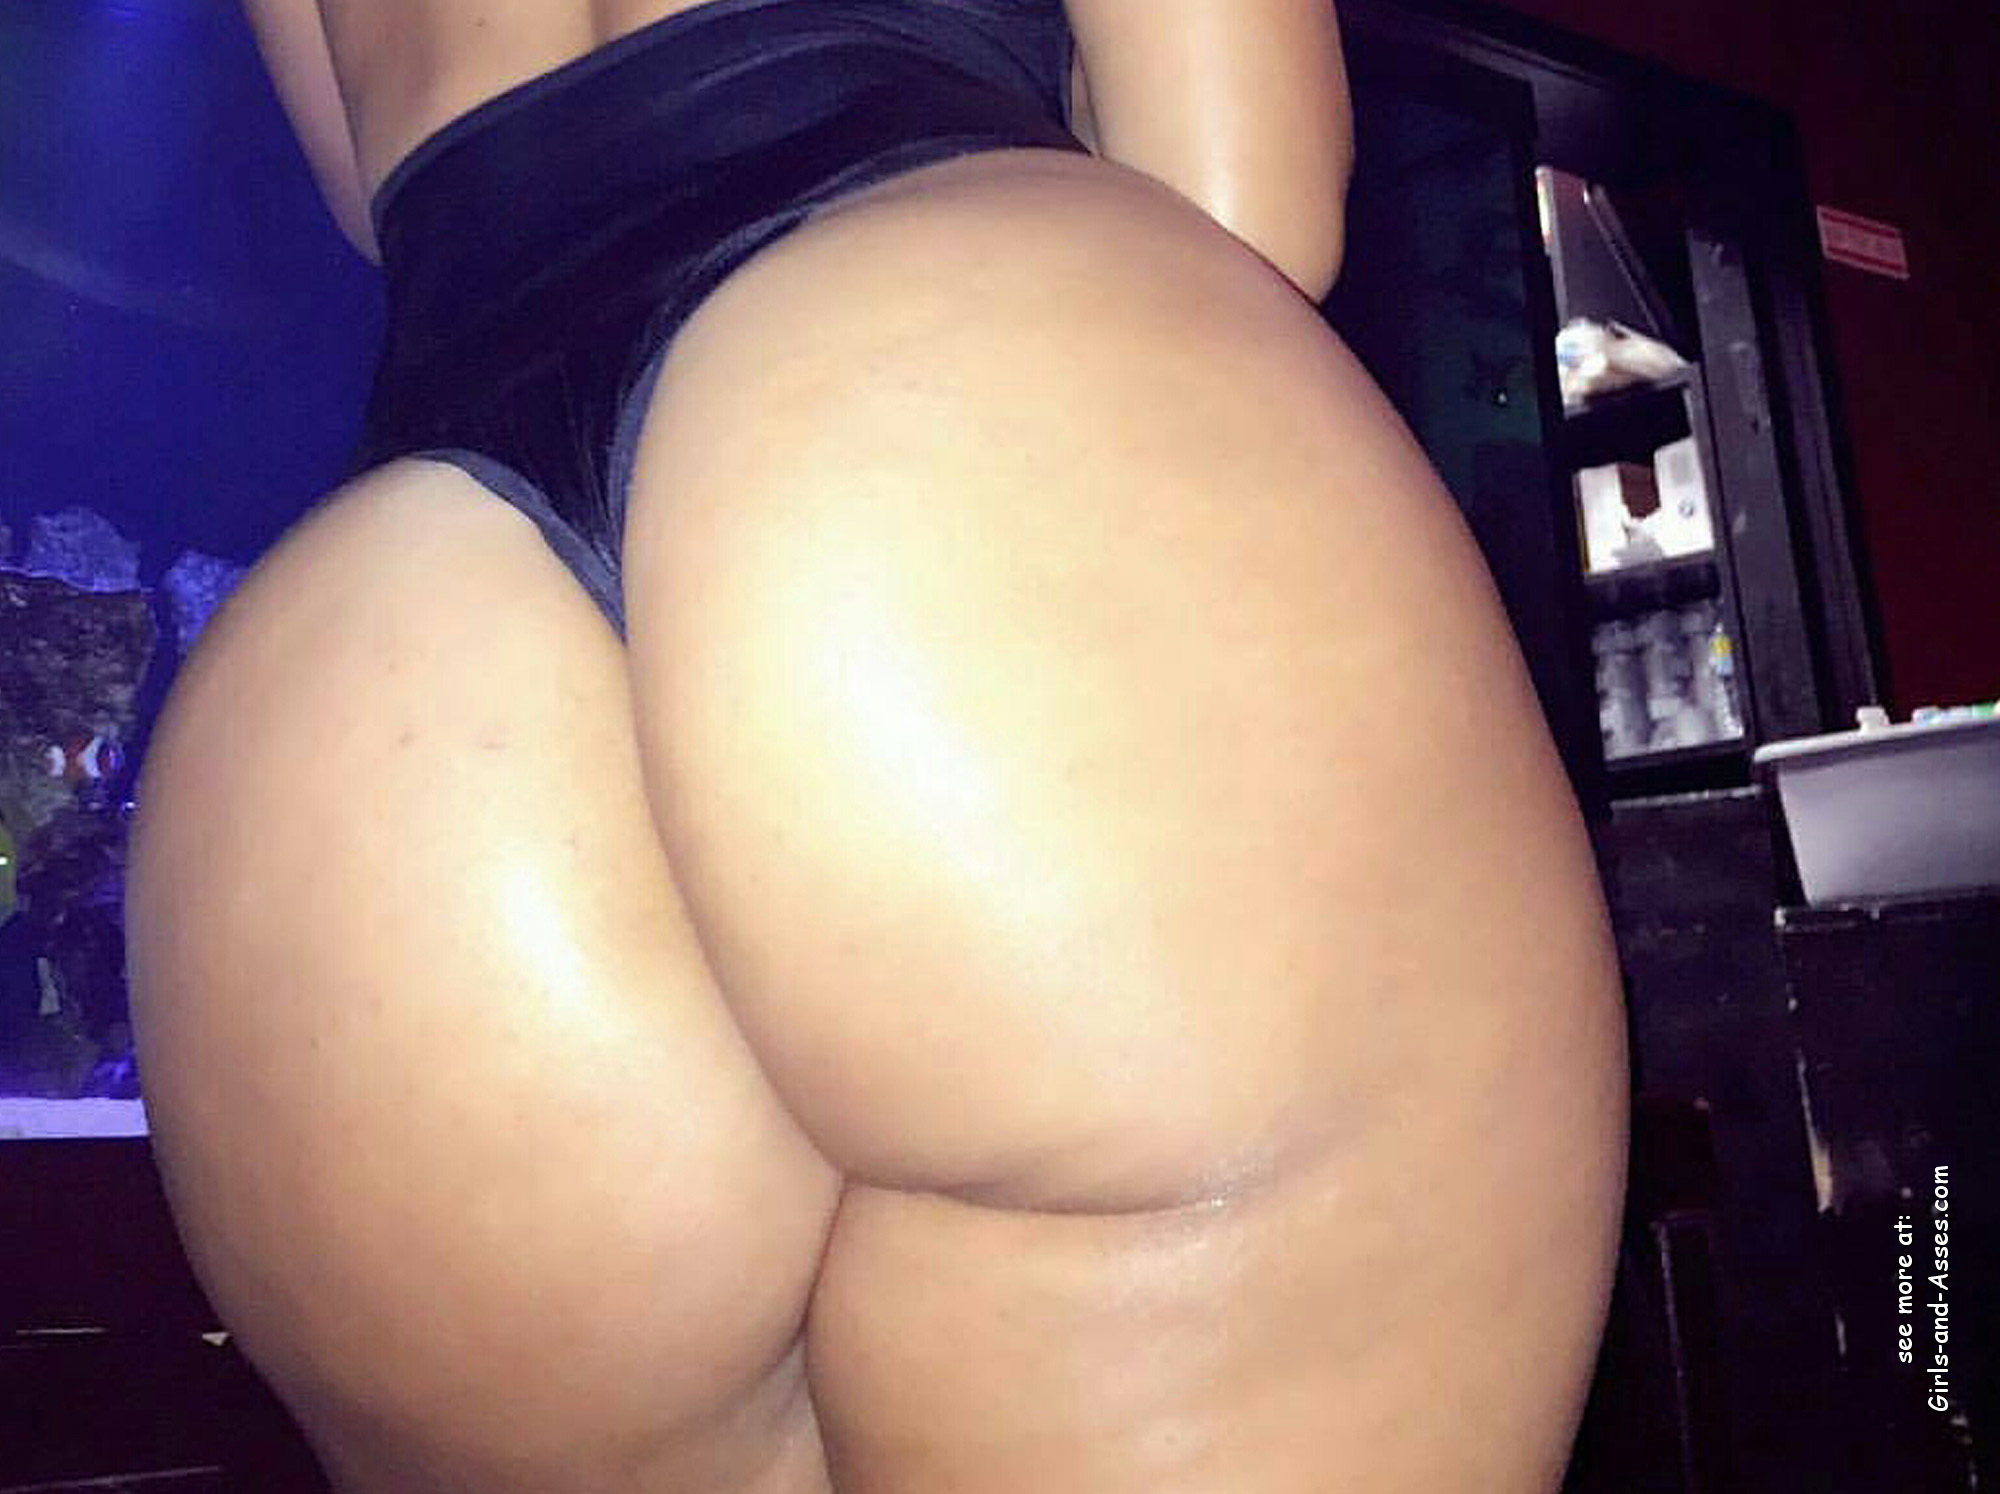 big assed naked brazilian babe photo 06903